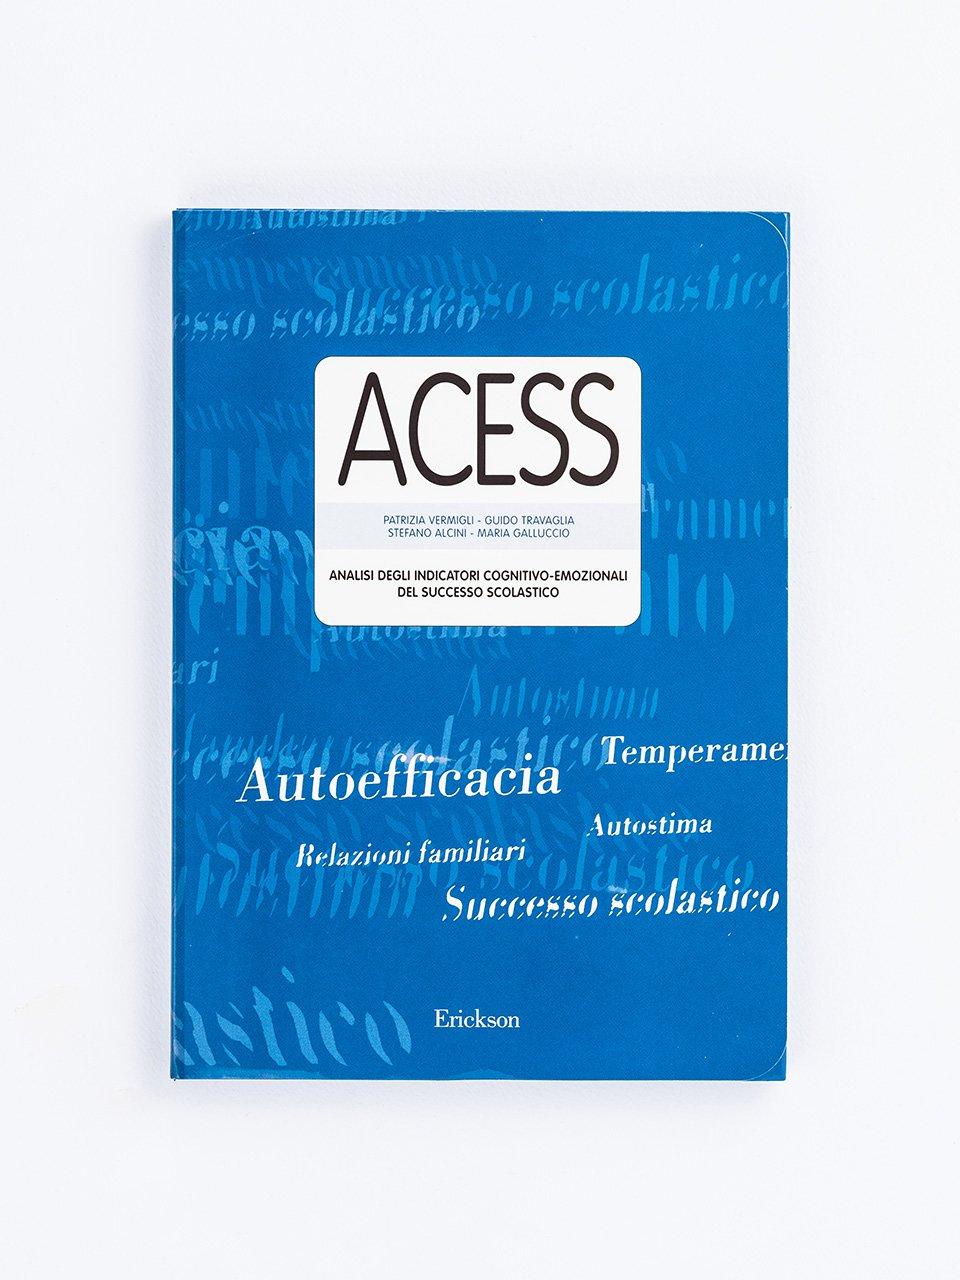 Test ACESS - Analisi degli indicatori cognitivo-emozionali del successo scolastico - Strumenti - Erickson